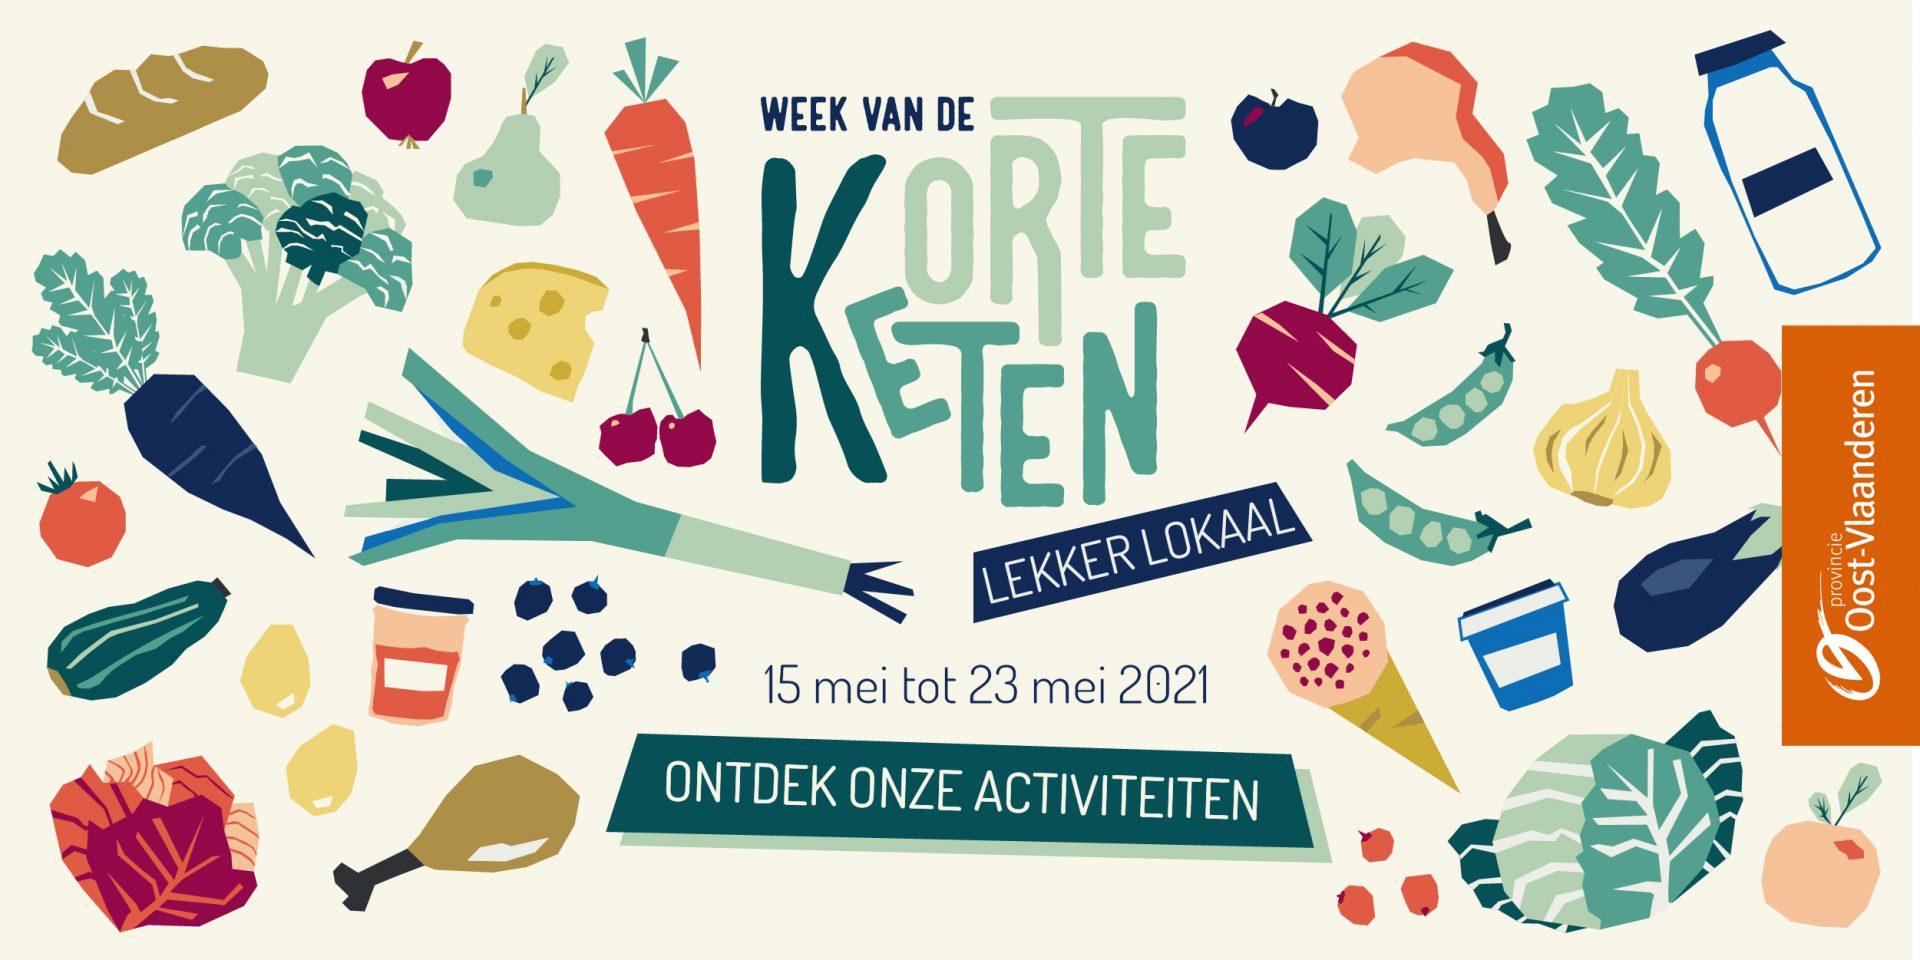 Oost-Vlaamse producten tijdens de Week van de Korte Keten proeven